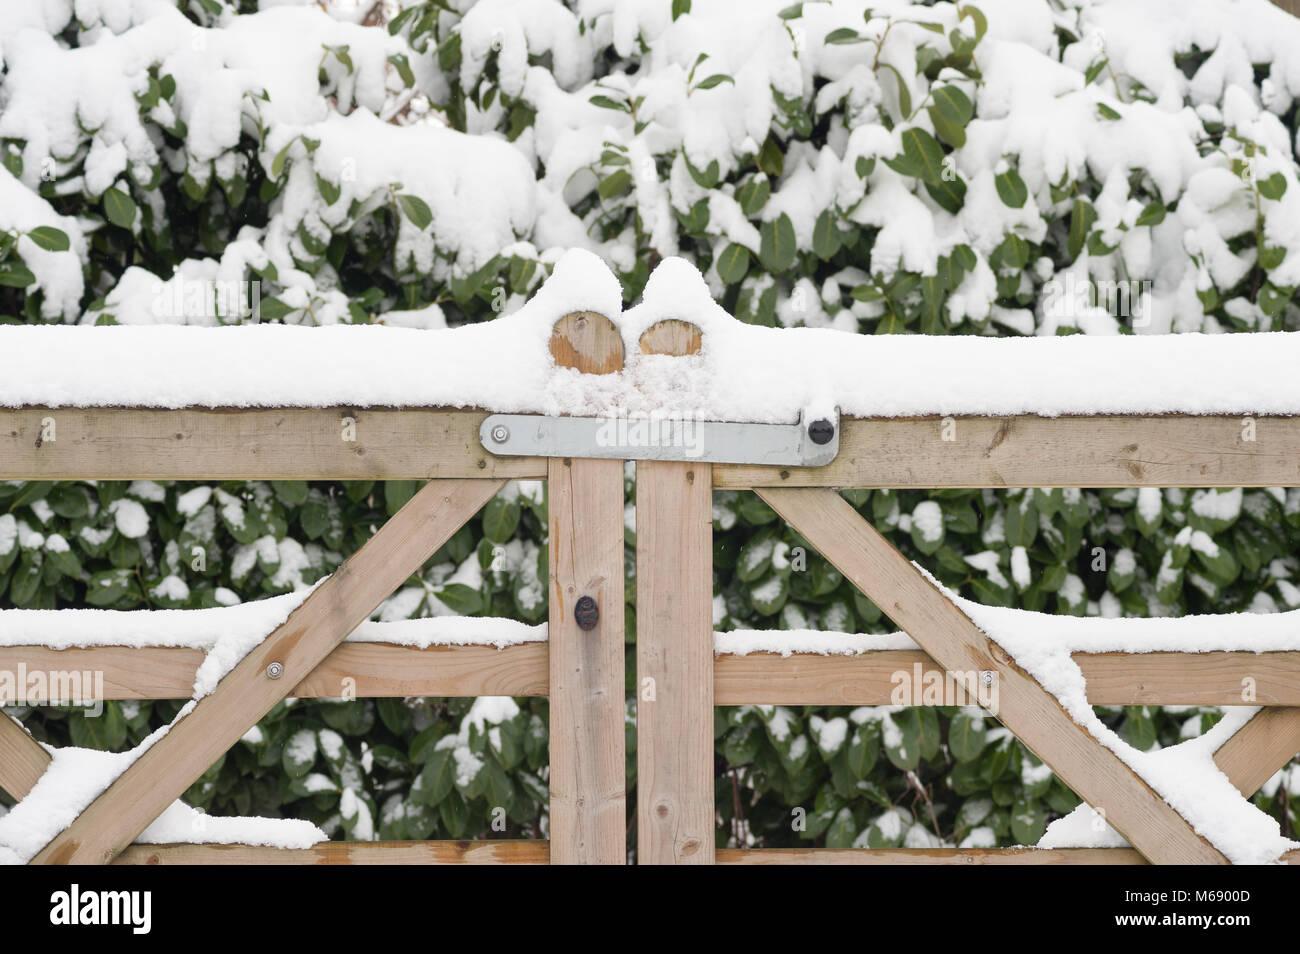 Doghe In Legno Per Cancelli : Congelati in legno a doghe di cinque bar cancello di ingresso